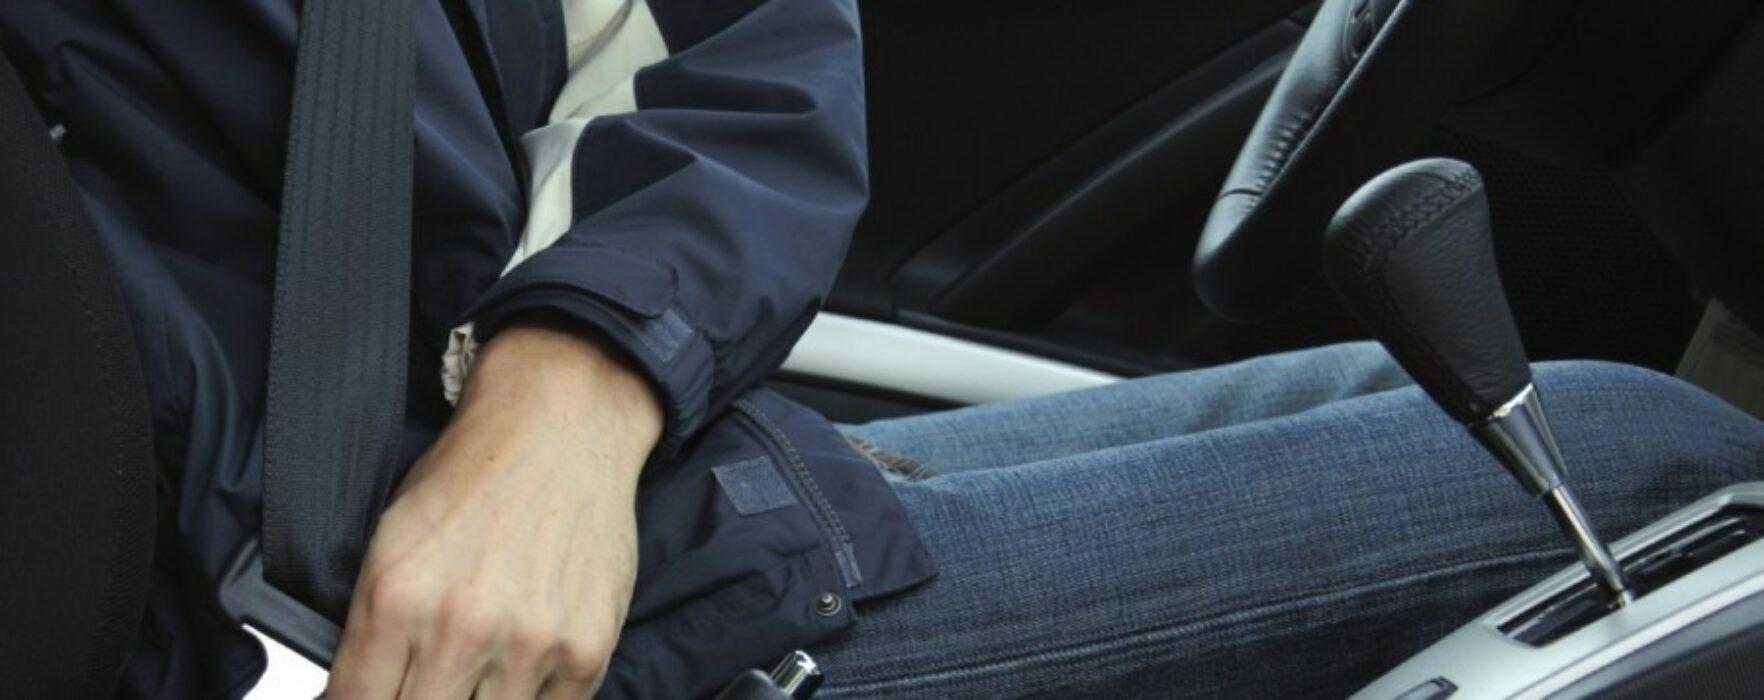 Poliţia Dâmboviţa: Peste 1.000 de sancţiuni, în weekend, pentru viteză şi nepurtarea centurii de siguranţă